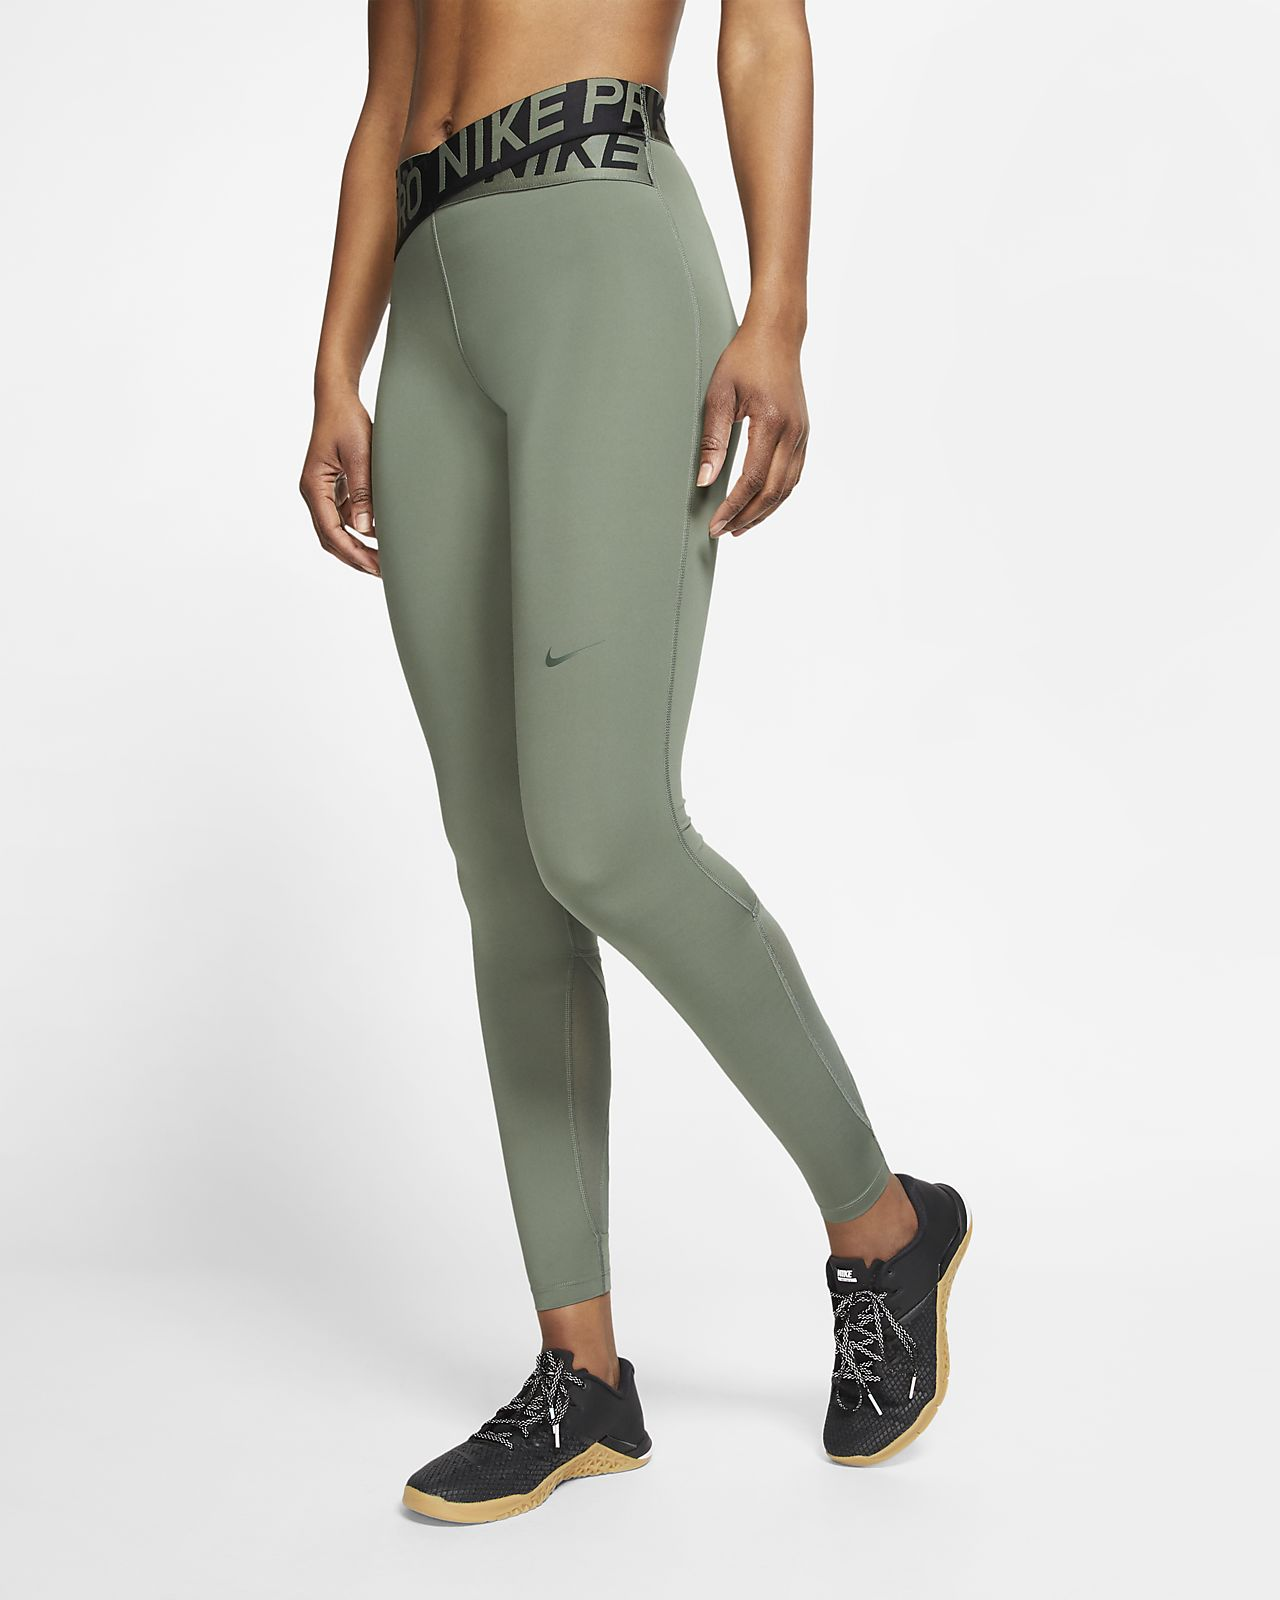 Nike Pro Intertwist Damen-Tights